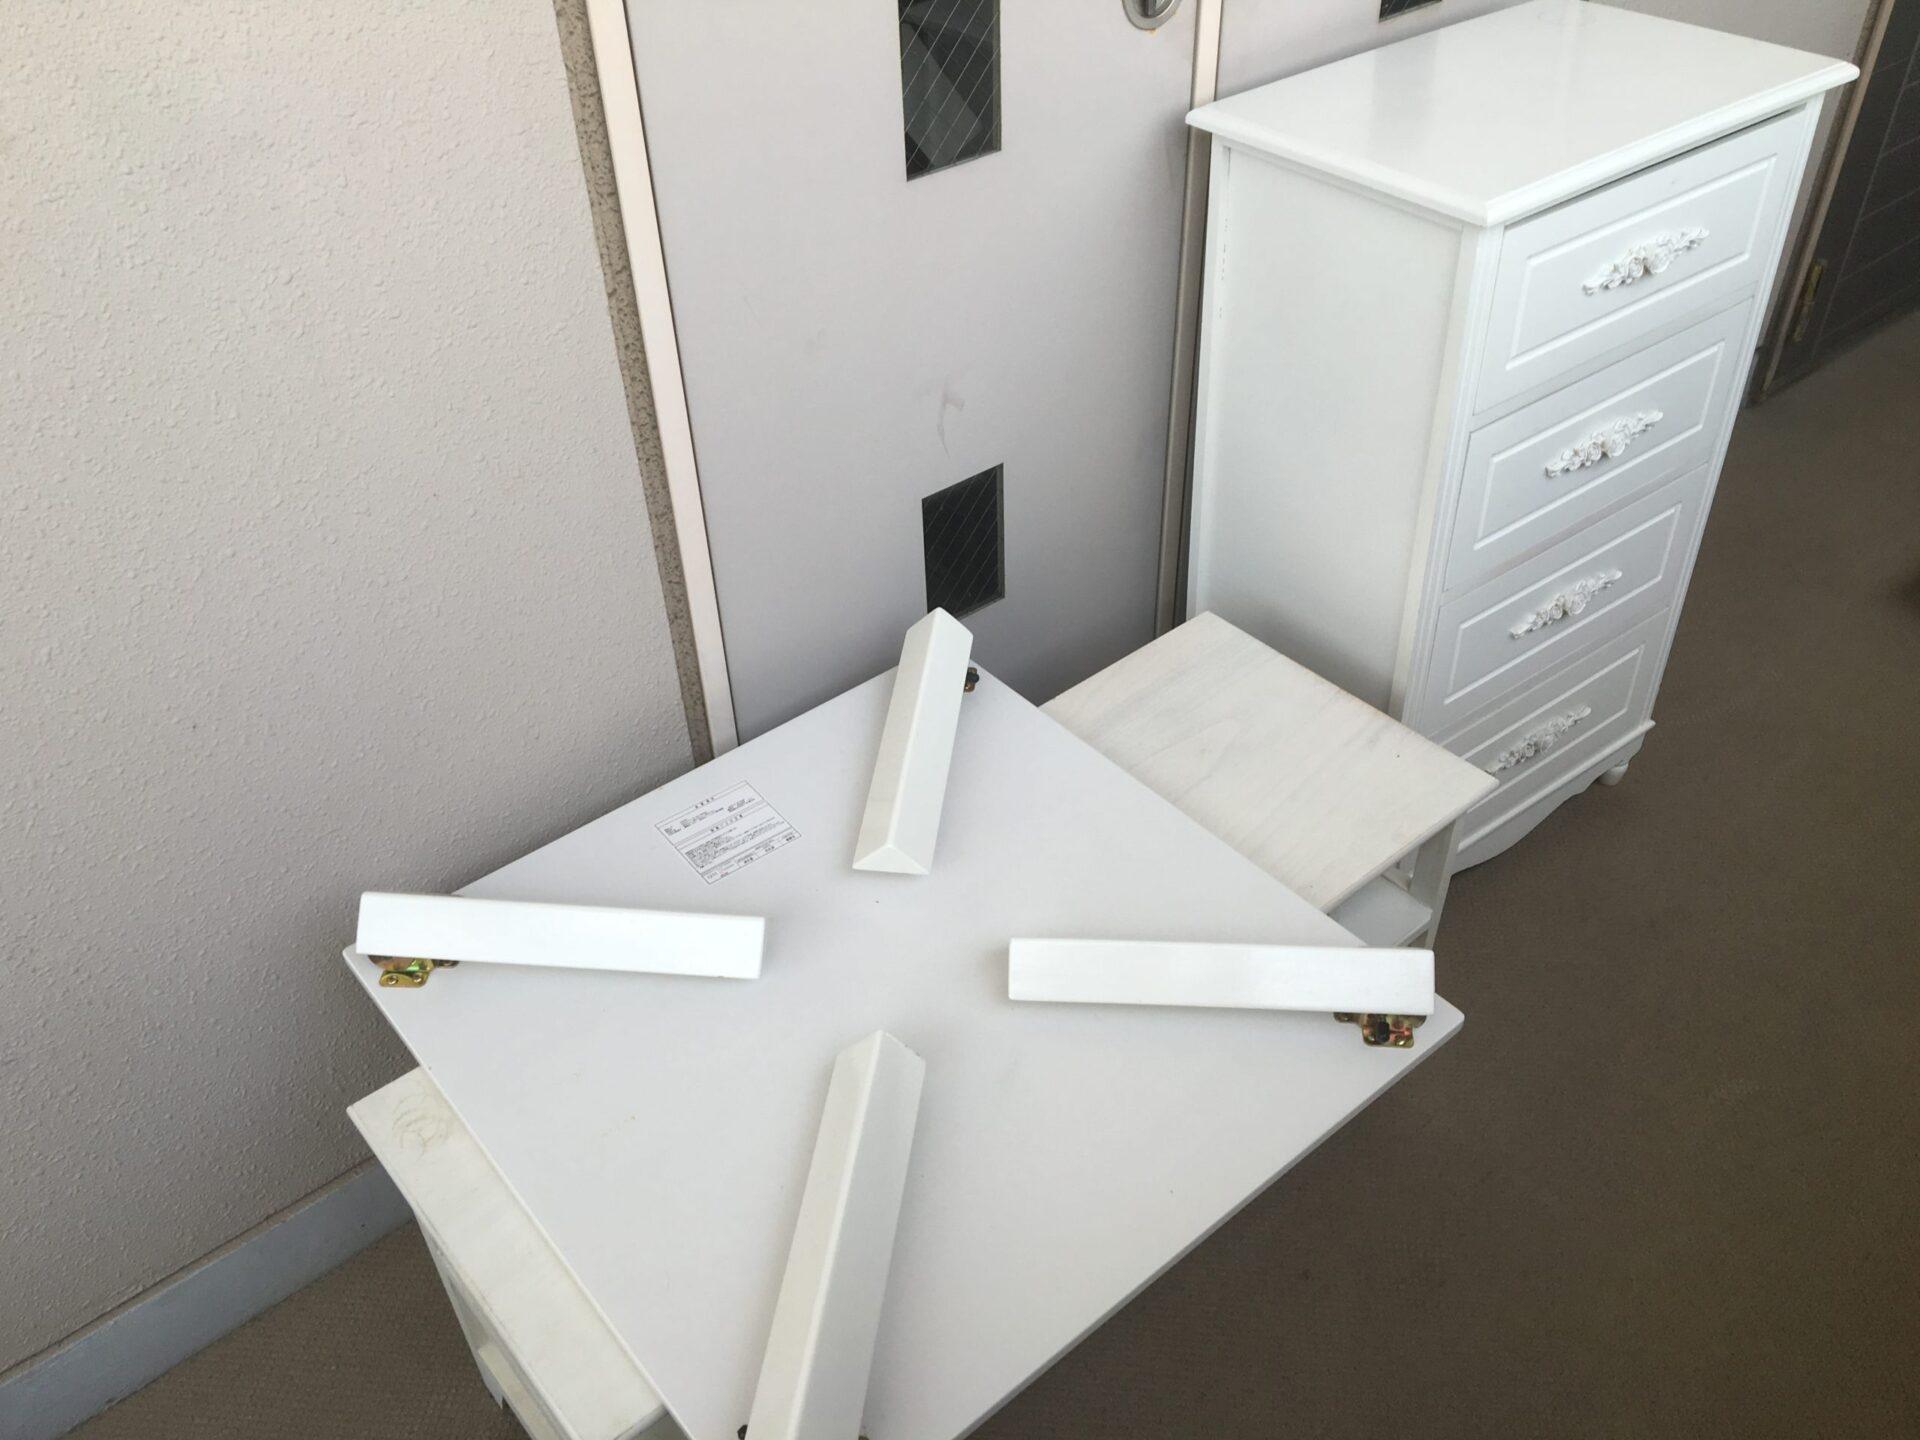 【愛知県名古屋市東区】小家具の出張回収